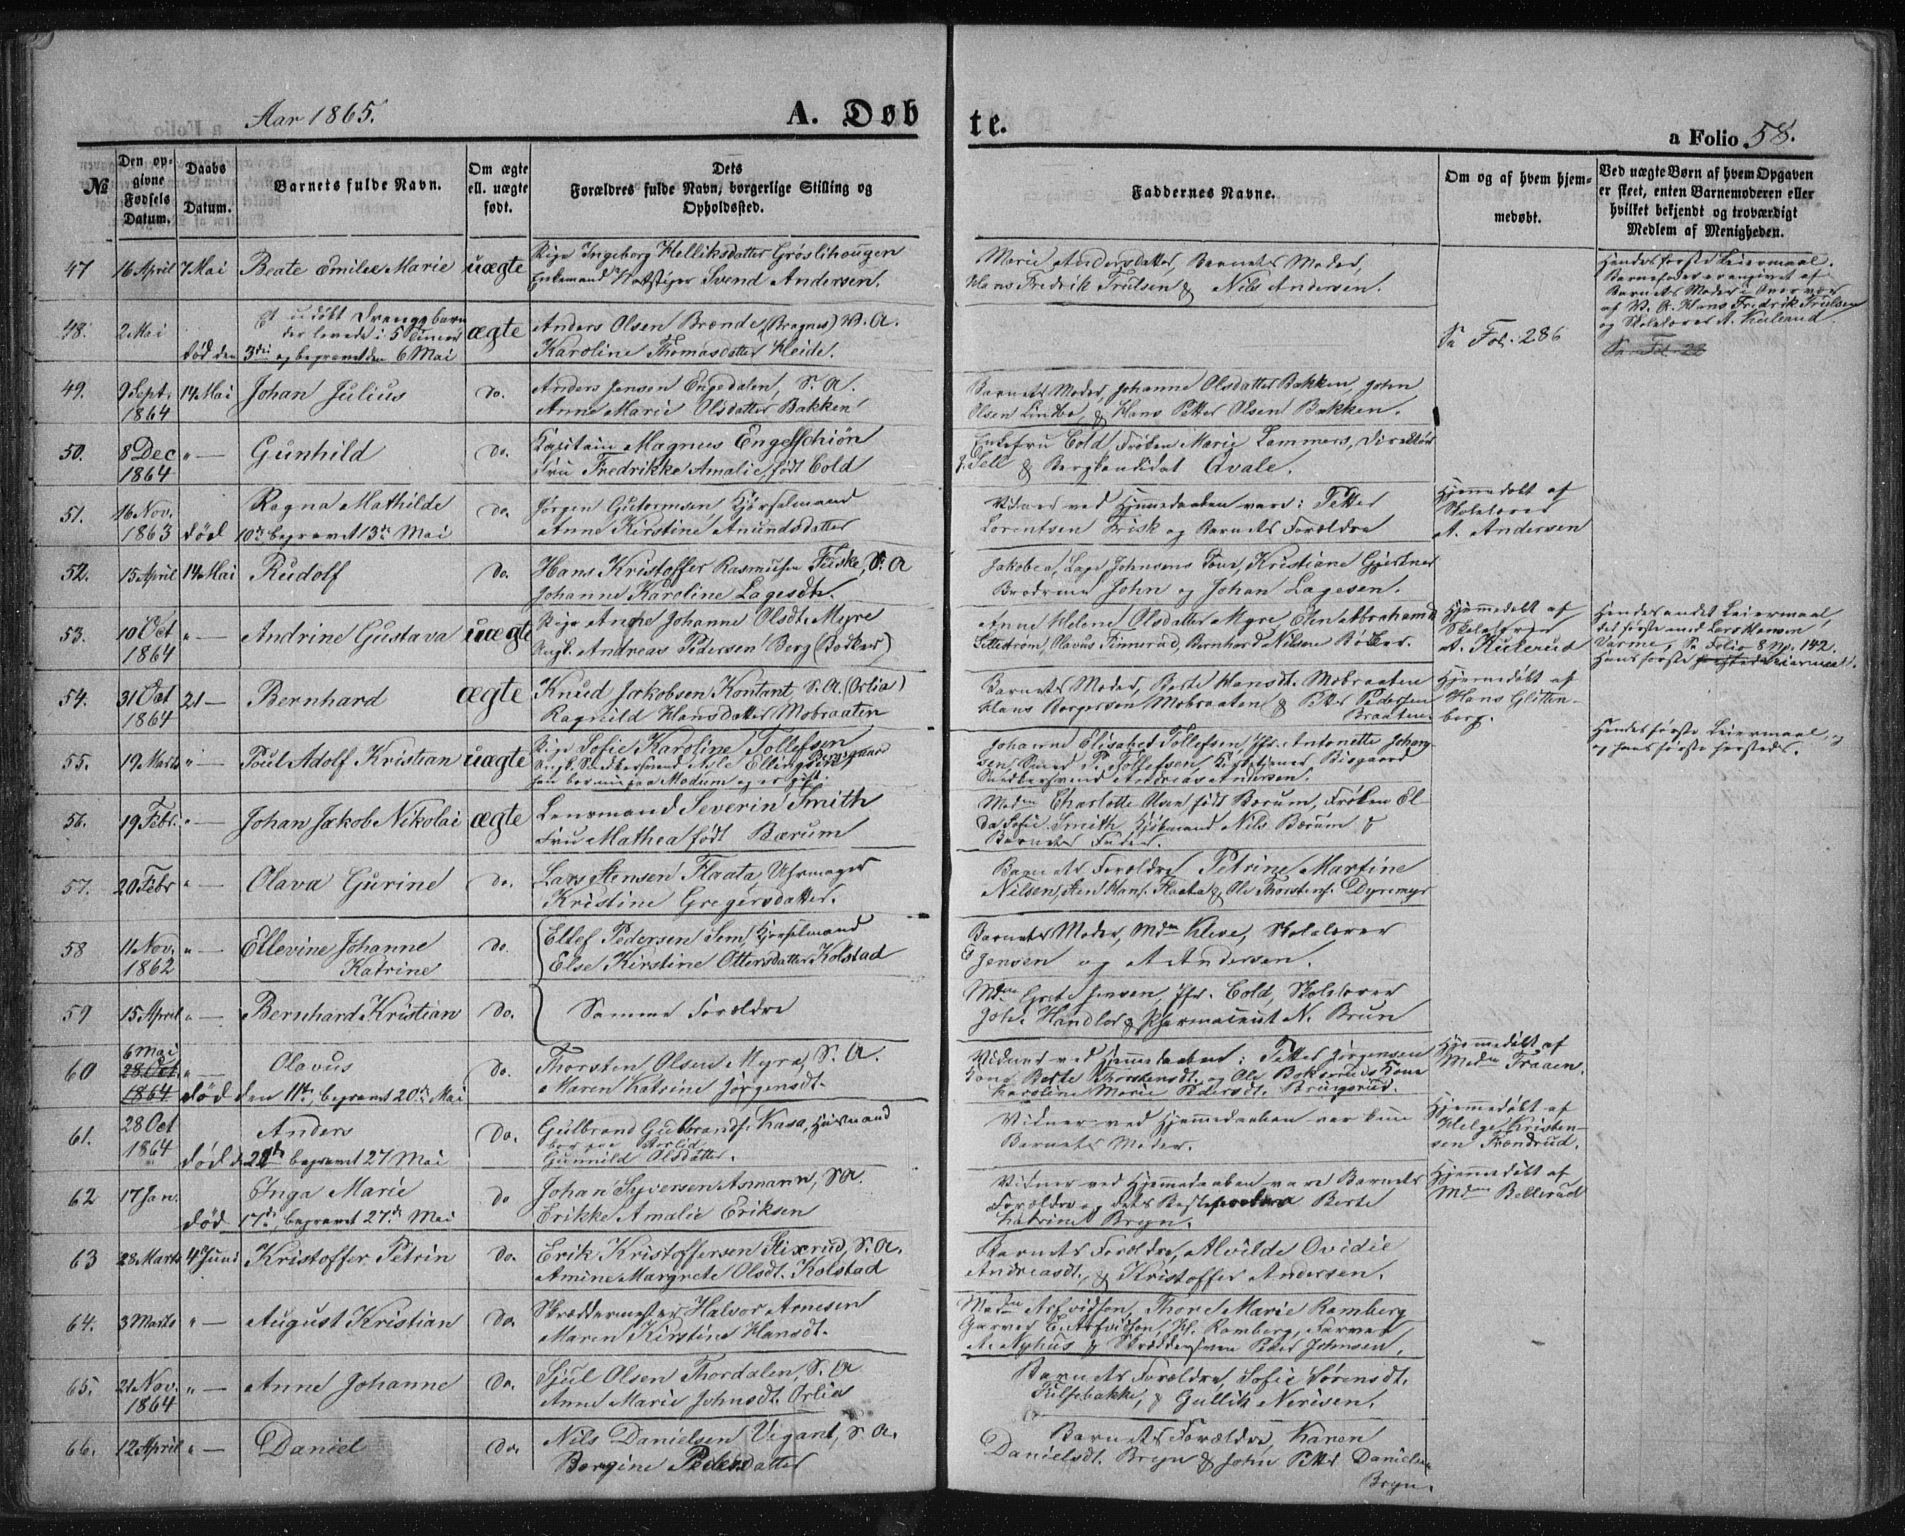 SAKO, Kongsberg kirkebøker, F/Fa/L0010: Ministerialbok nr. I 10, 1859-1875, s. 58